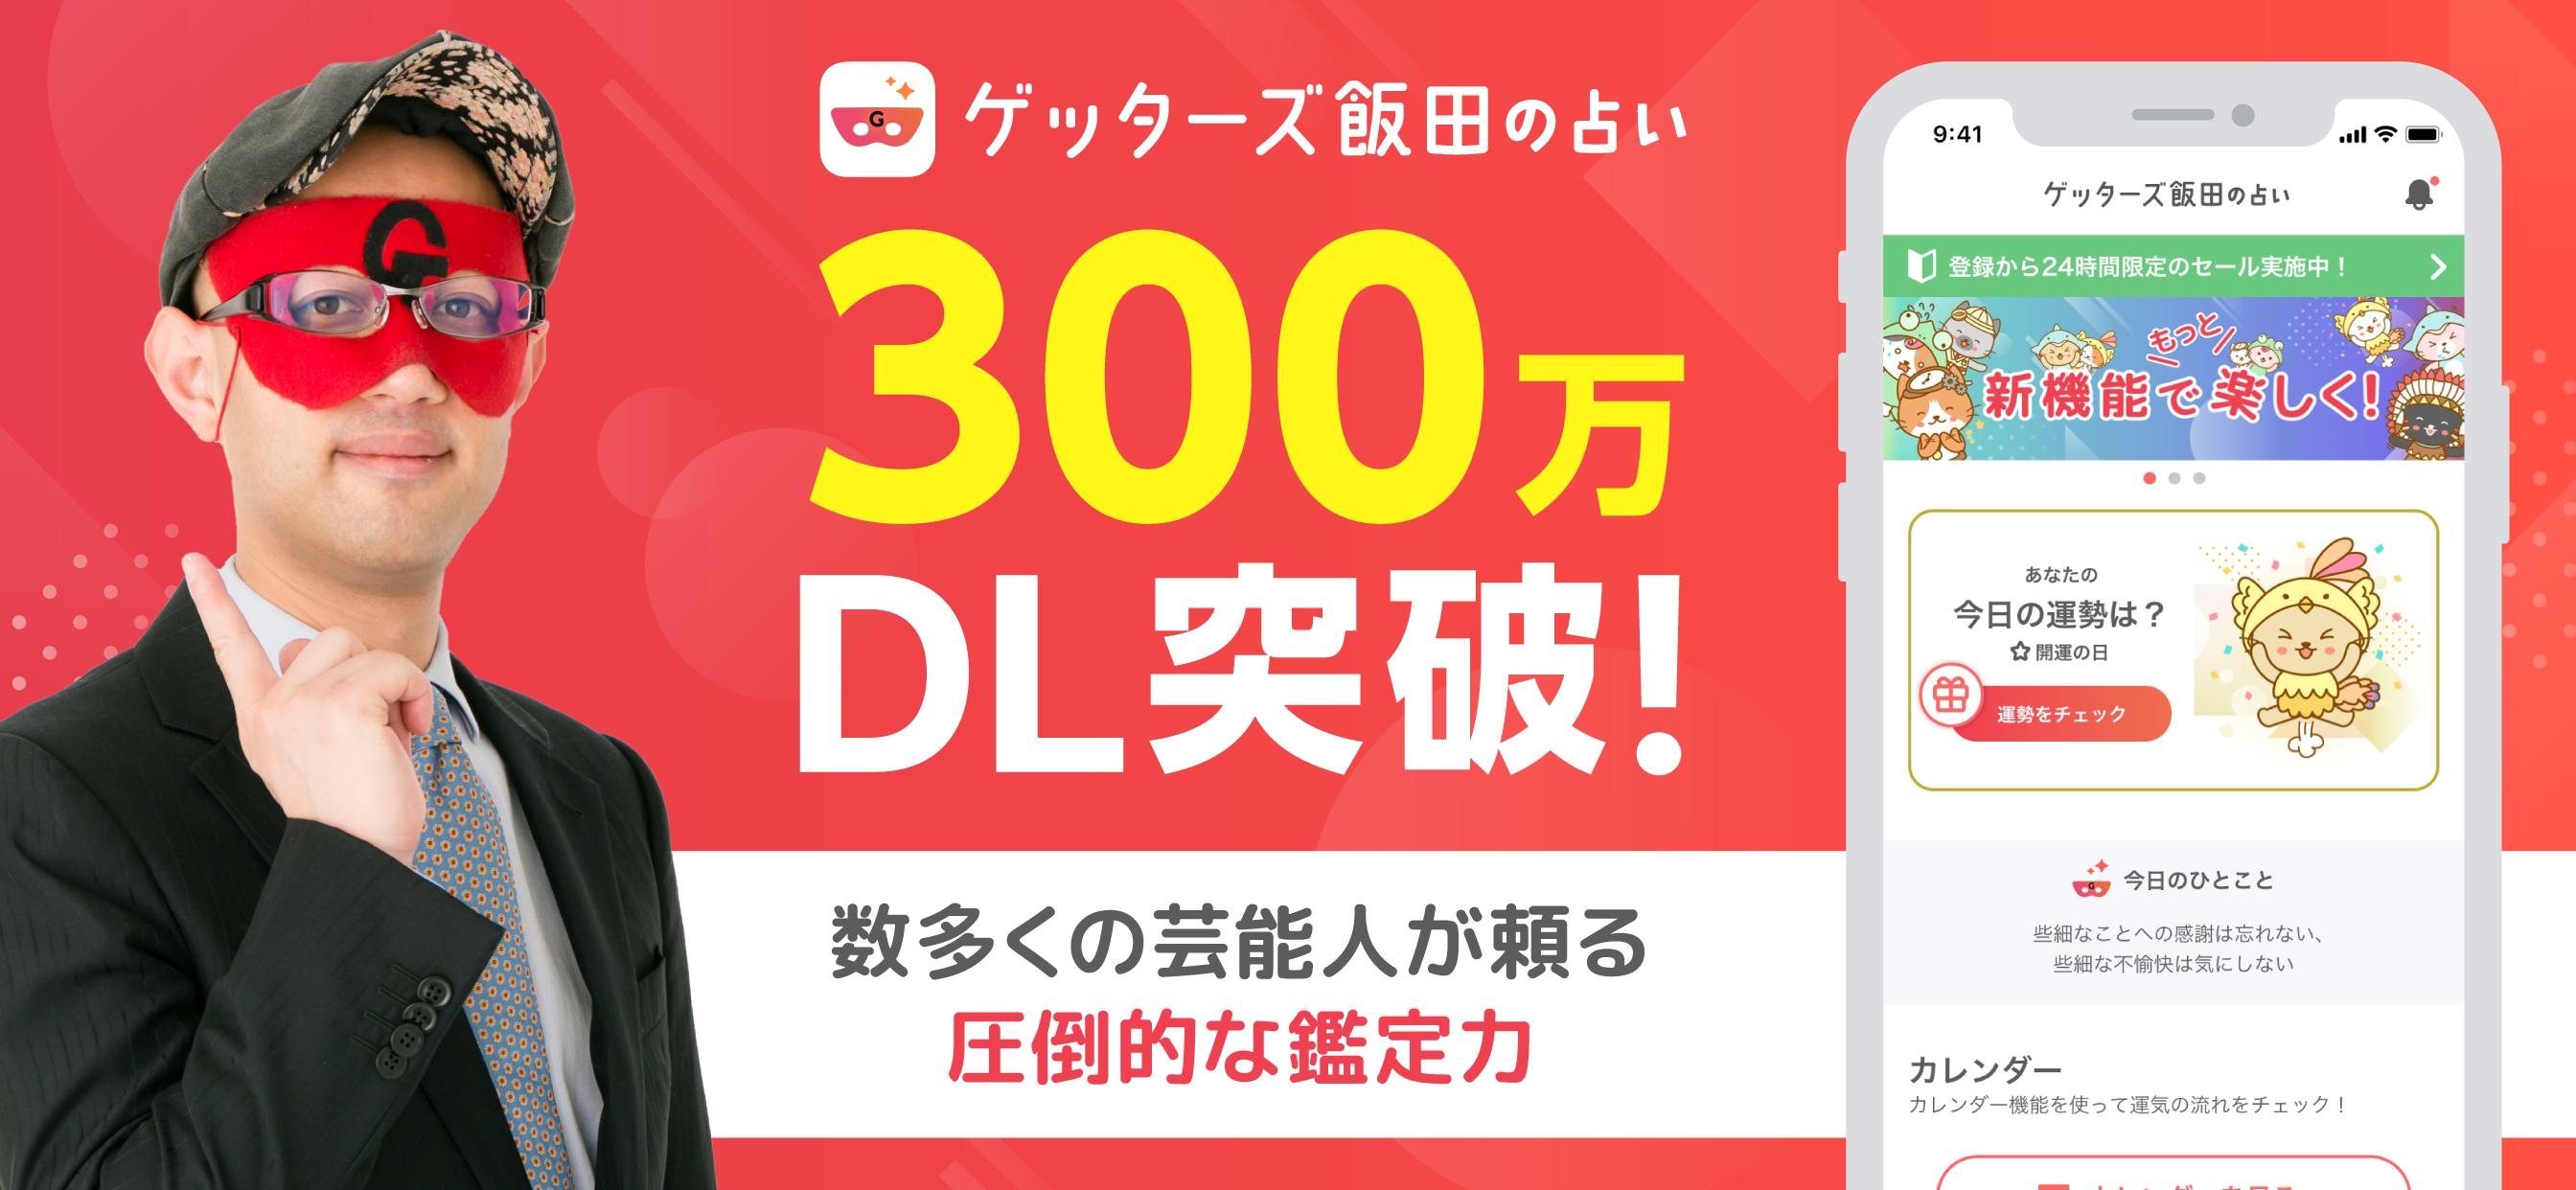 ゲッターズ飯田の占い 300万ダウンロード突破! 数多くの芸能人が頼る圧倒的な鑑定力